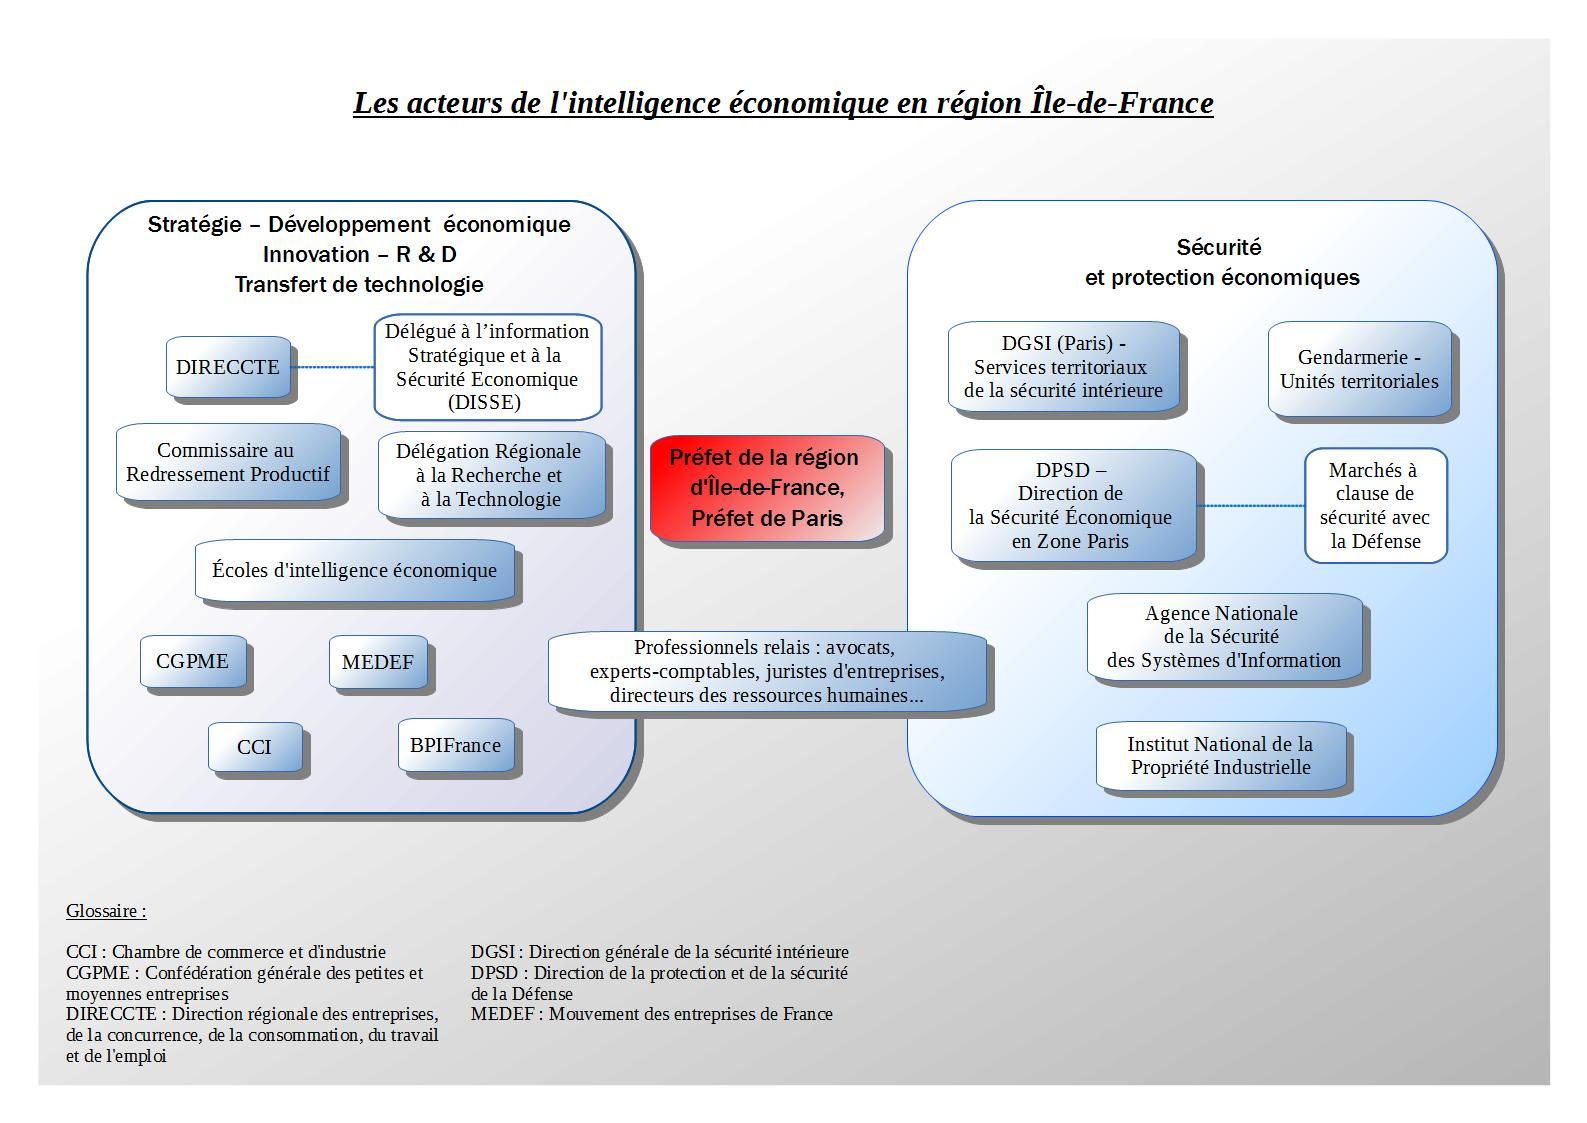 Cartographie de l 39 intelligence conomique en le de france - Taxe sur les bureaux en ile de france ...